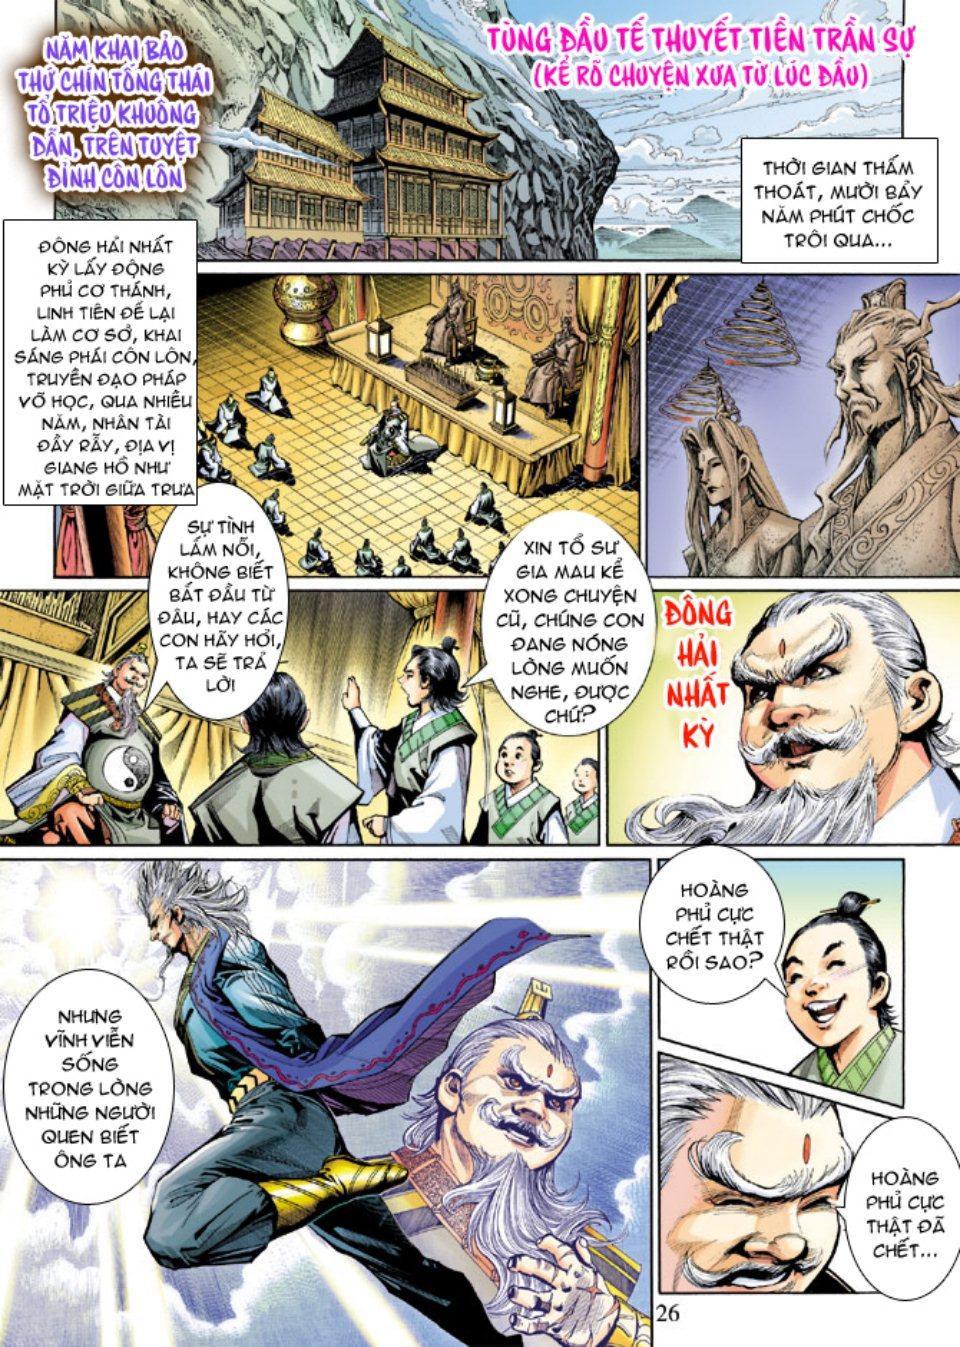 Thiên Tử Truyền Kỳ 5 – Như Lai Thần Chưởng chap 214 – End Trang 25 - Mangak.info